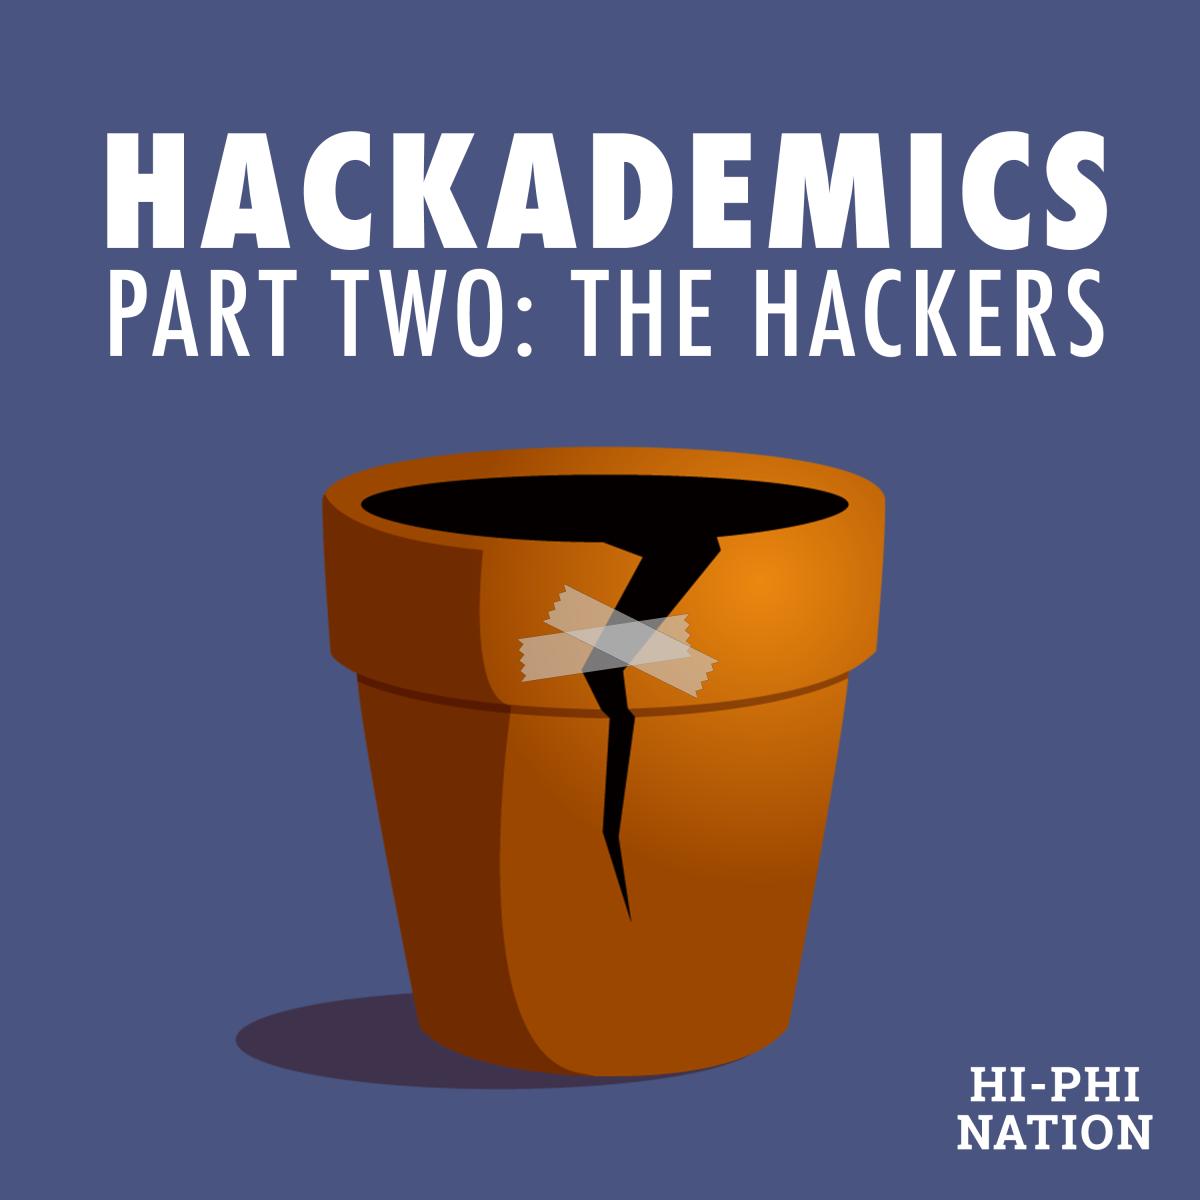 S1, Episode 7: Hackademics II (Mar  14, 2017) – Hi-Phi Nation